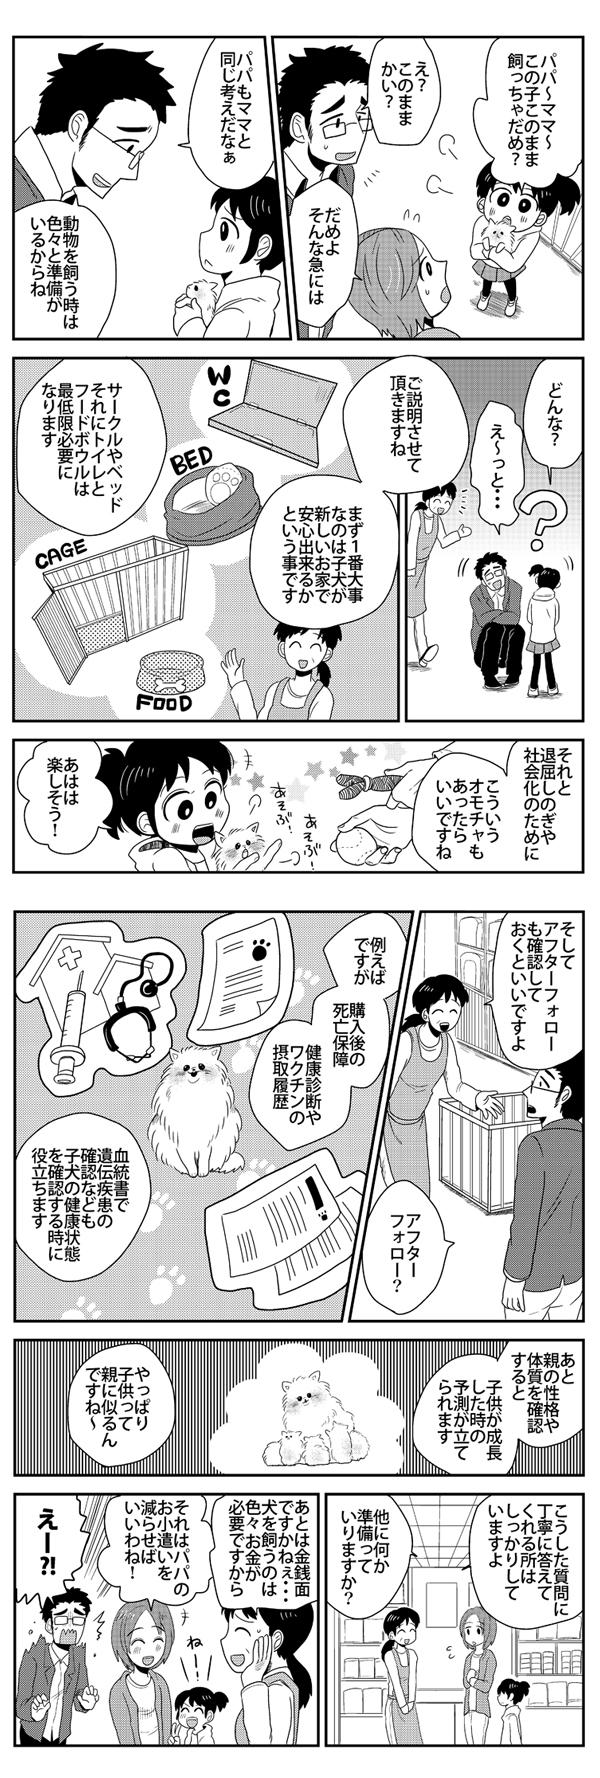 ポメラニアン漫画3